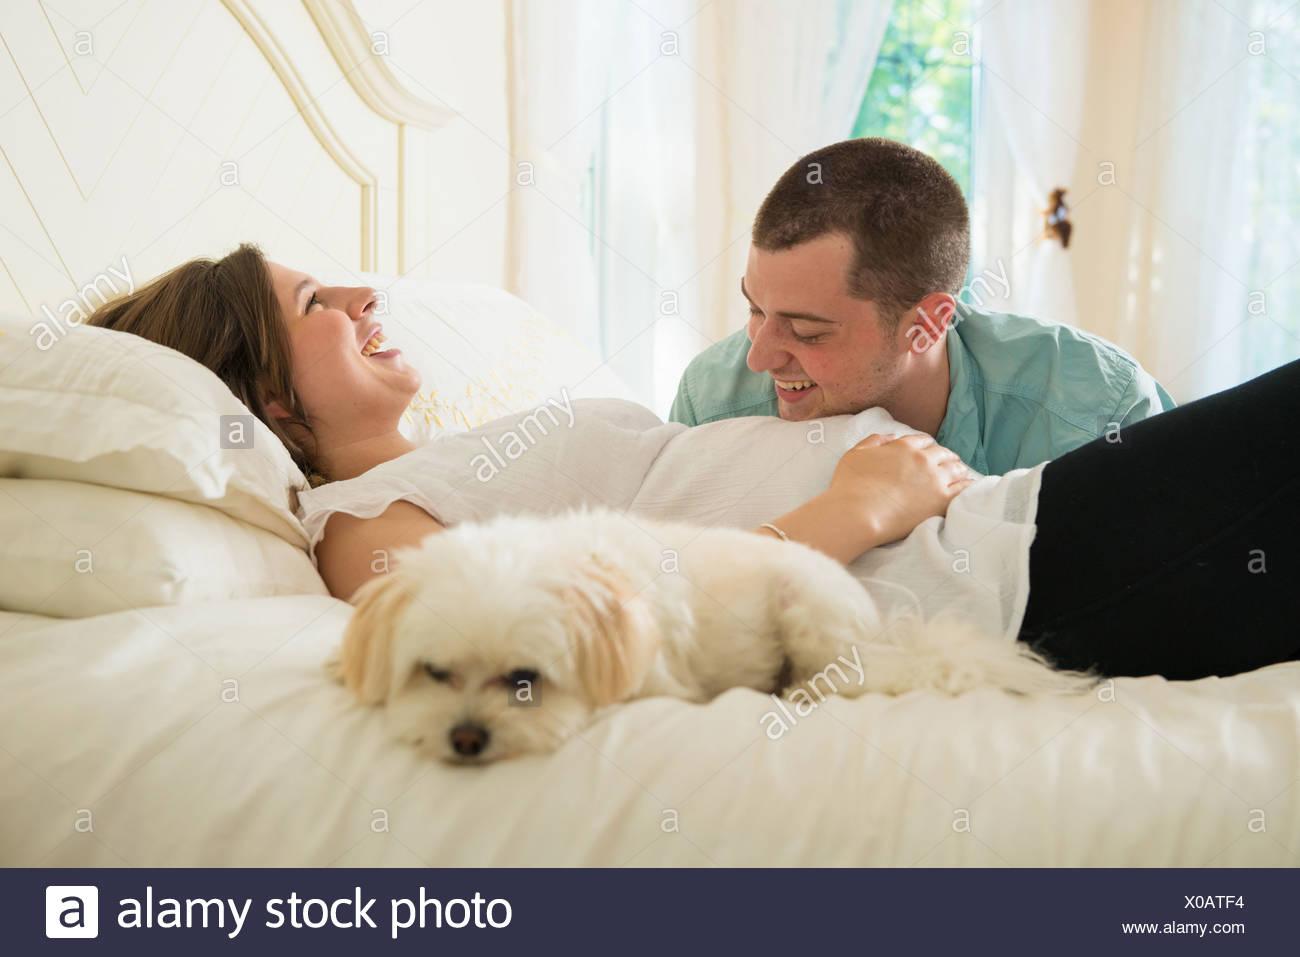 Schwangere Frau und Partner auf Bett liegend mit Hund Stockbild